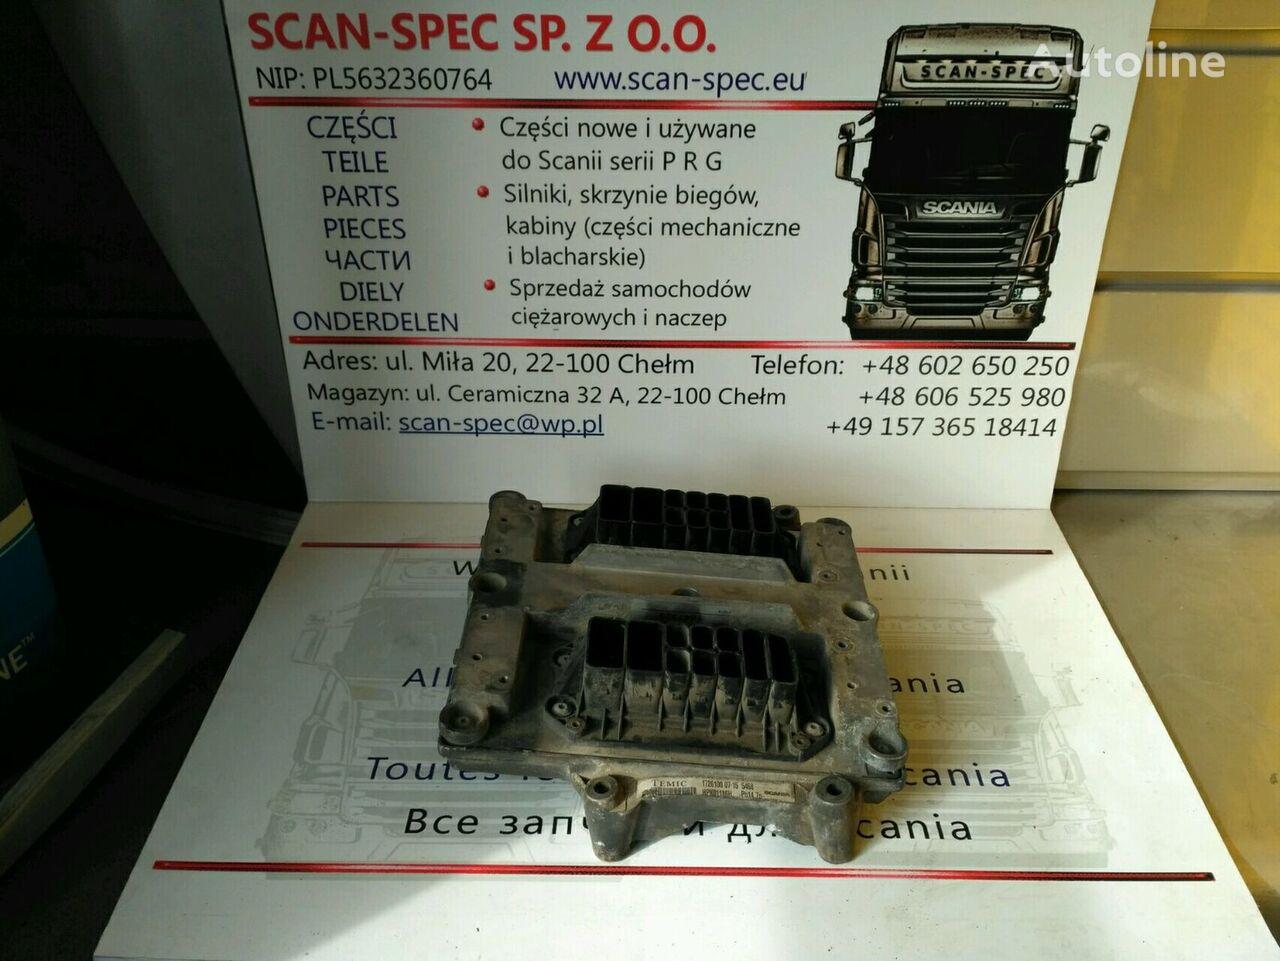 nadzorna enota SCANIA EDC ECU DT1217 R za vlačilec SCANIA R